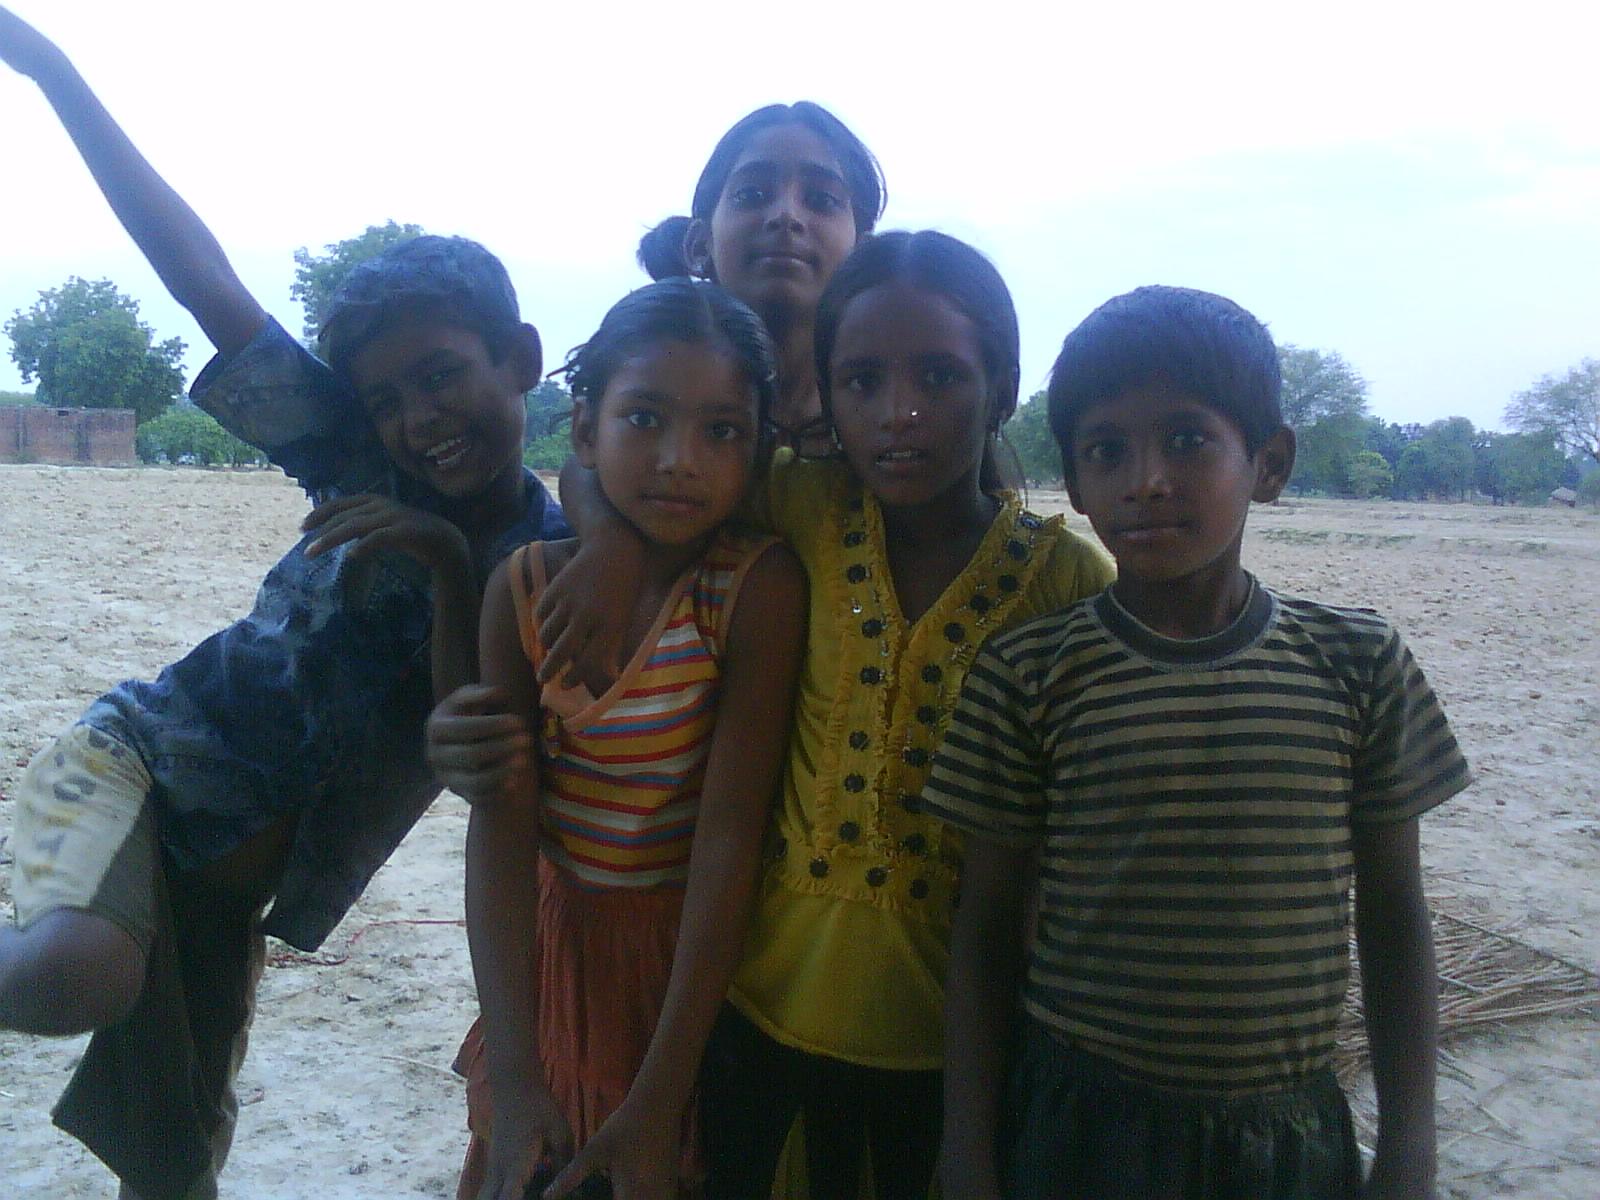 http://3.bp.blogspot.com/_VYvw8pXfQtQ/TELIN427NII/AAAAAAAAAM4/OZT7xqe1l7I/s1600/Indian+Children.JPG